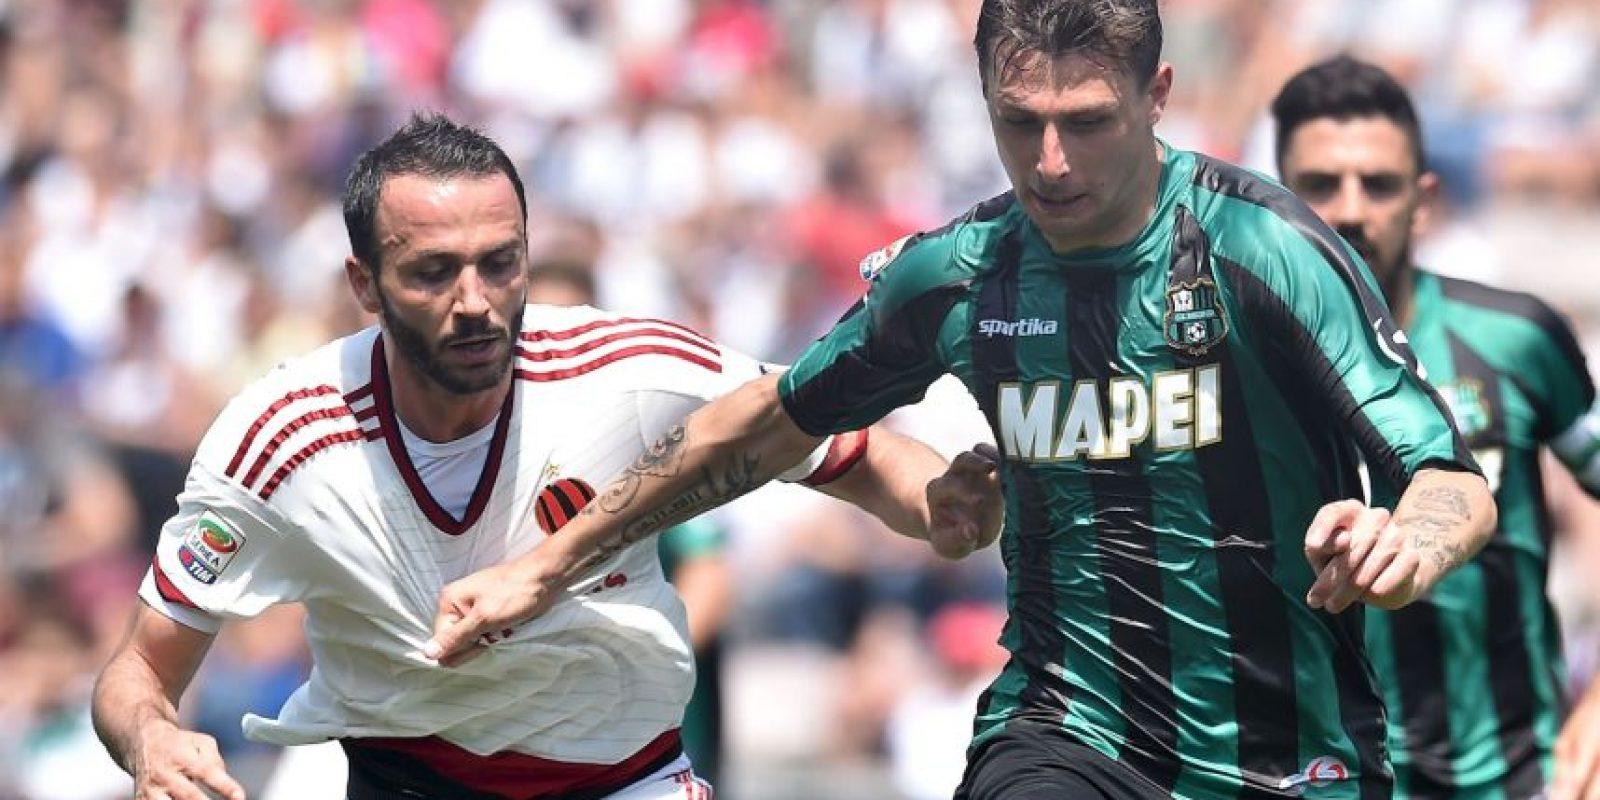 El aficionado se retiró del estadio cuando faltaban 23 minutos para que terminara el encuentro entre Milan y Sassoulo Foto:Getty Images